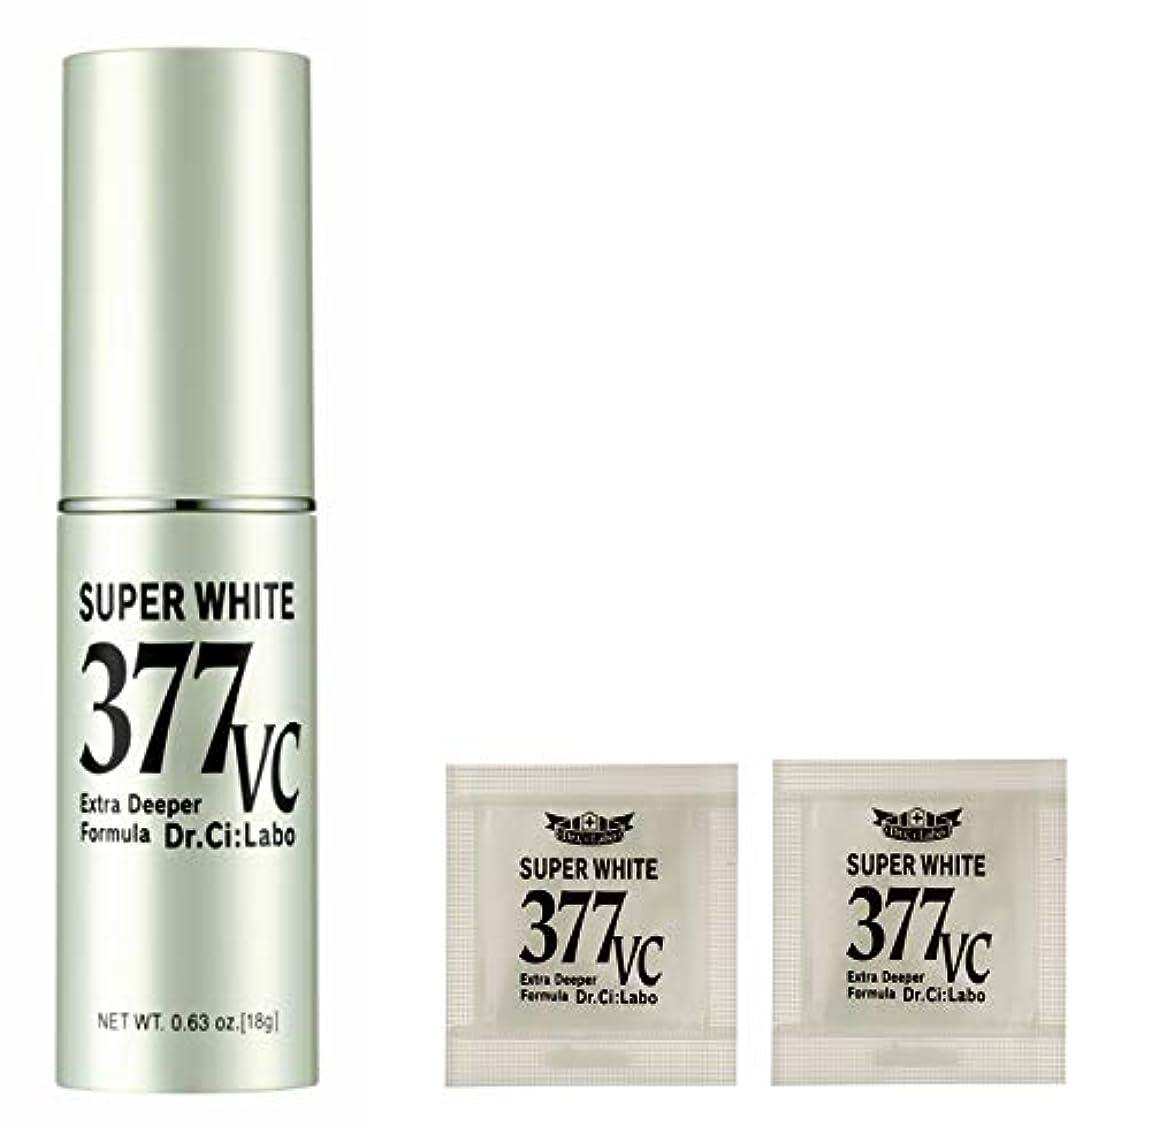 マークモトリーバット【Amazon.co.jp限定】 ドクターシーラボ スーパーホワイト377VC+サンプルパウチ 美容液 セット 18g+サンプル1回分付き